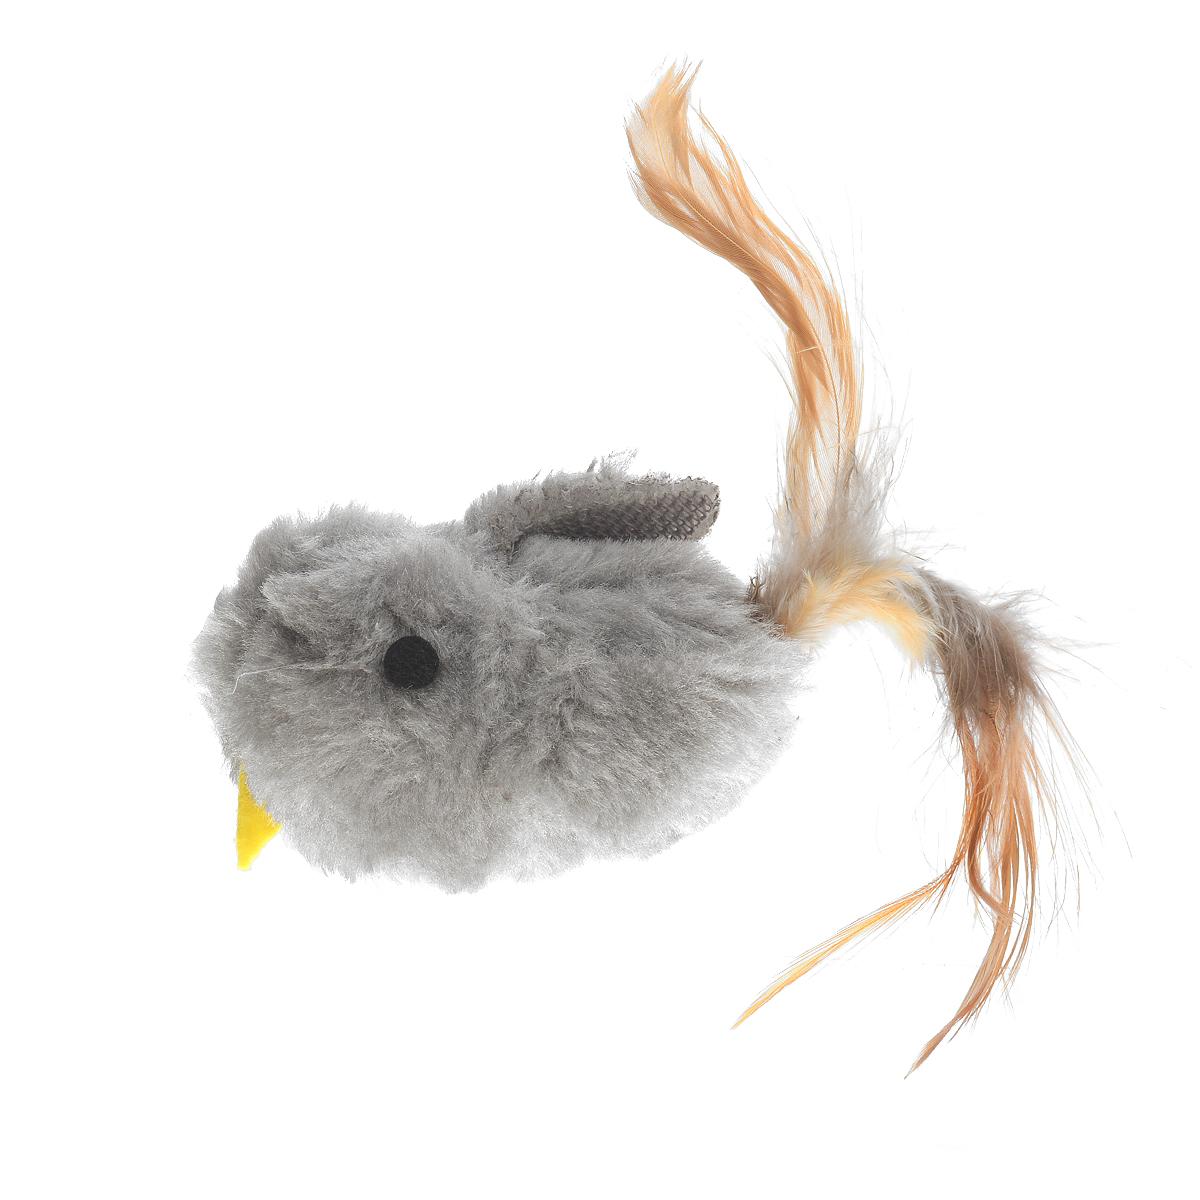 Игрушка для кошки V.I.Pet Птичка, с мятой, цвет: серый0120710Игрушка V.I.Pet Птичка, изготовленная из текстиля, наполнена кошачьей мятой (котовником) - растением, запах которого делает кошку более игривой. Очень агрессивные кошки становятся спокойными и уравновешенными. С помощью этой игрушки кошка легко перенесет путешествие на автомобиле, посещение ветеринарного врача или переезд животного на новую квартиру.